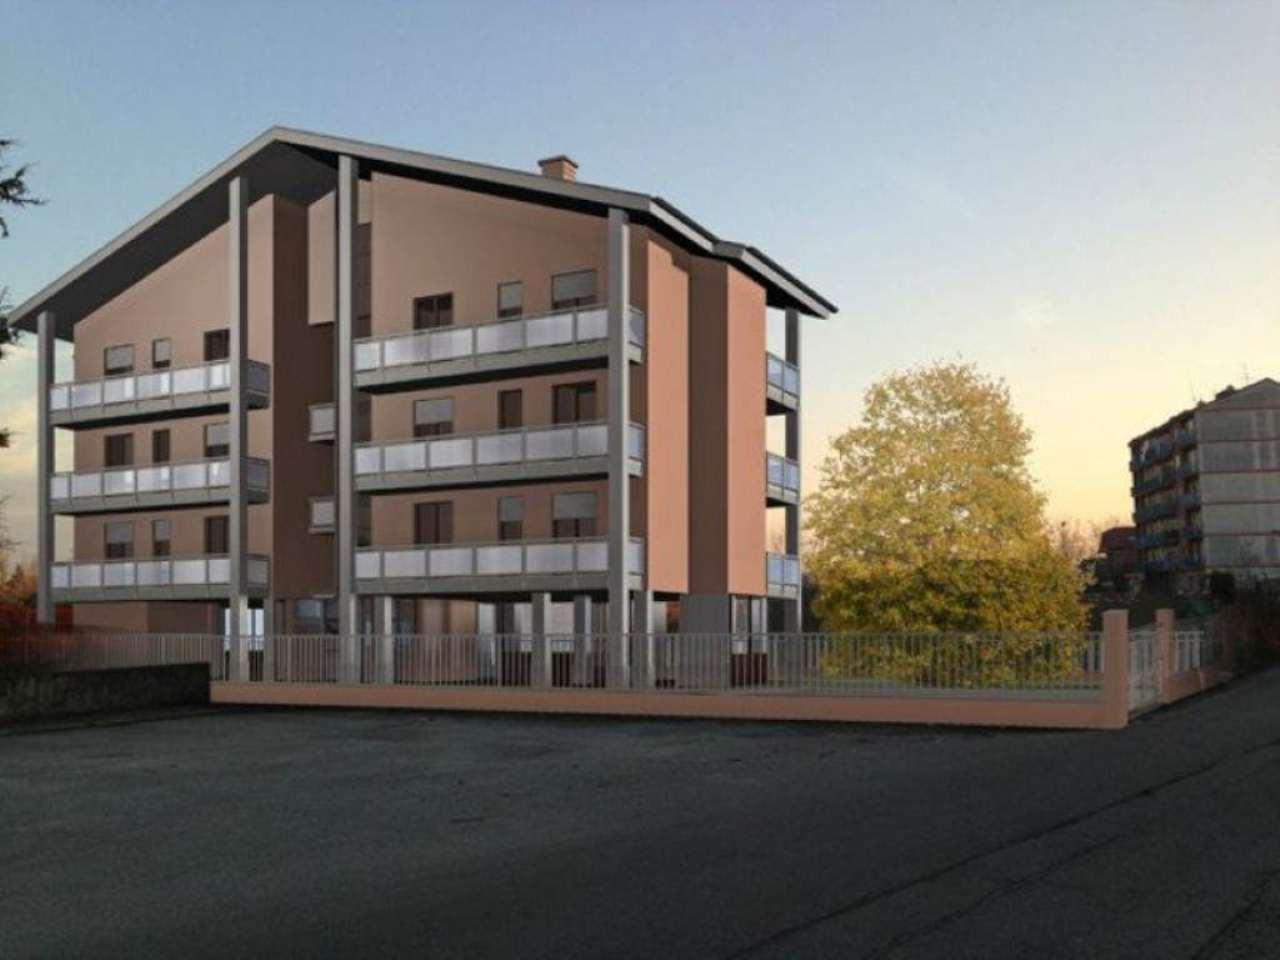 Appartamento in vendita a Moncalieri, 4 locali, prezzo € 189.000 | Cambio Casa.it